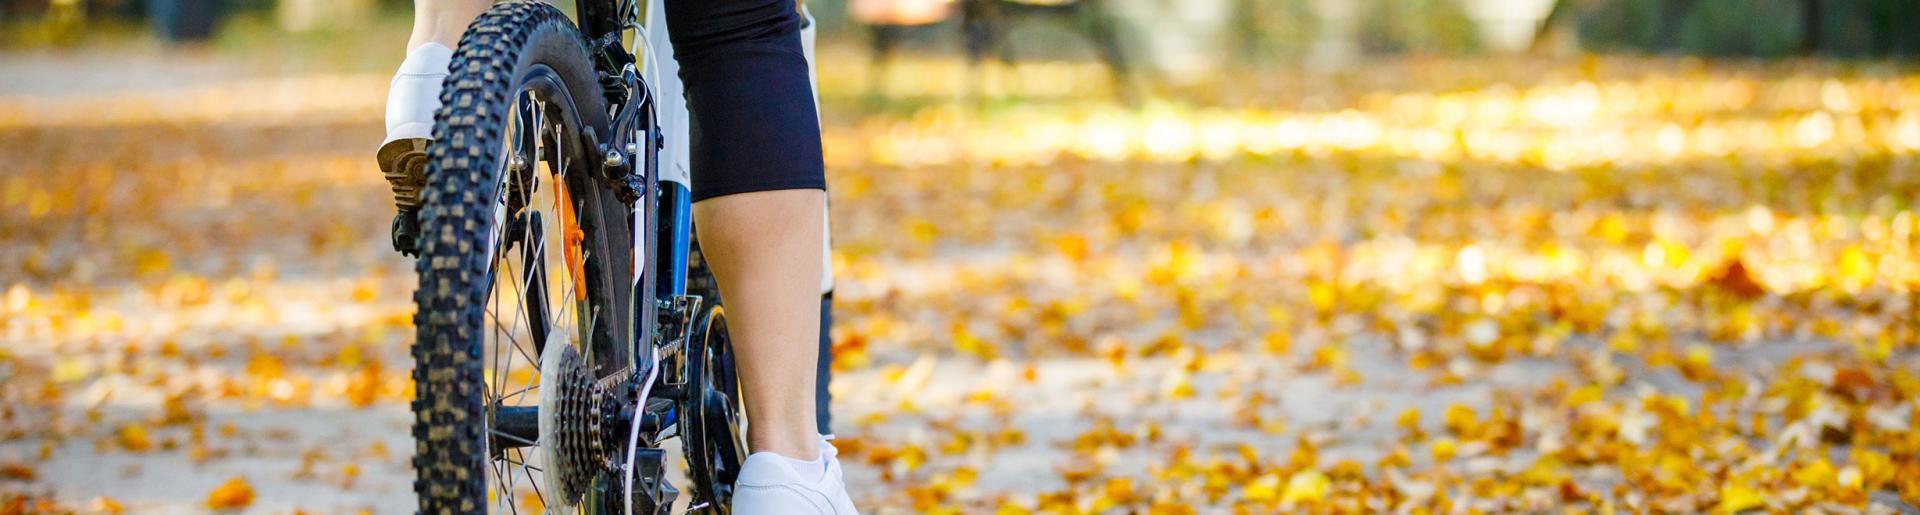 BikeToTable_IH-2460x660